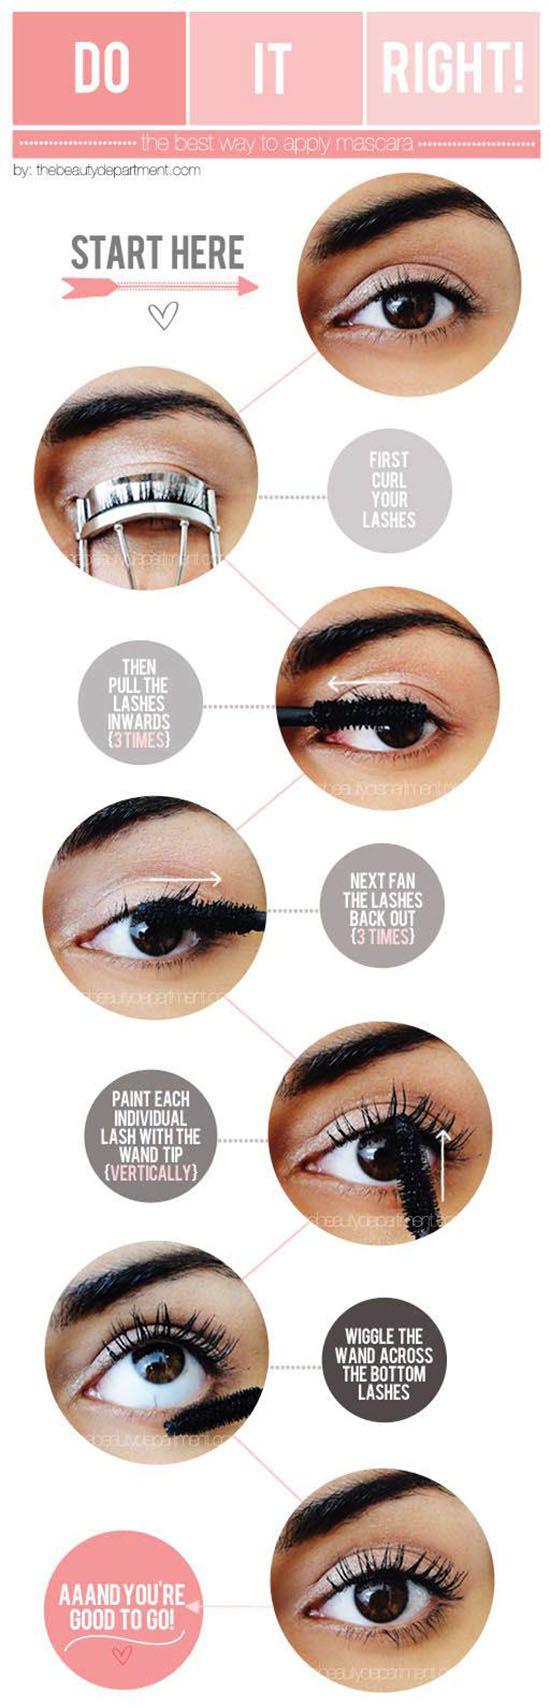 Best Way to Apply Mascara Tutorial #eyemakeup #makeup